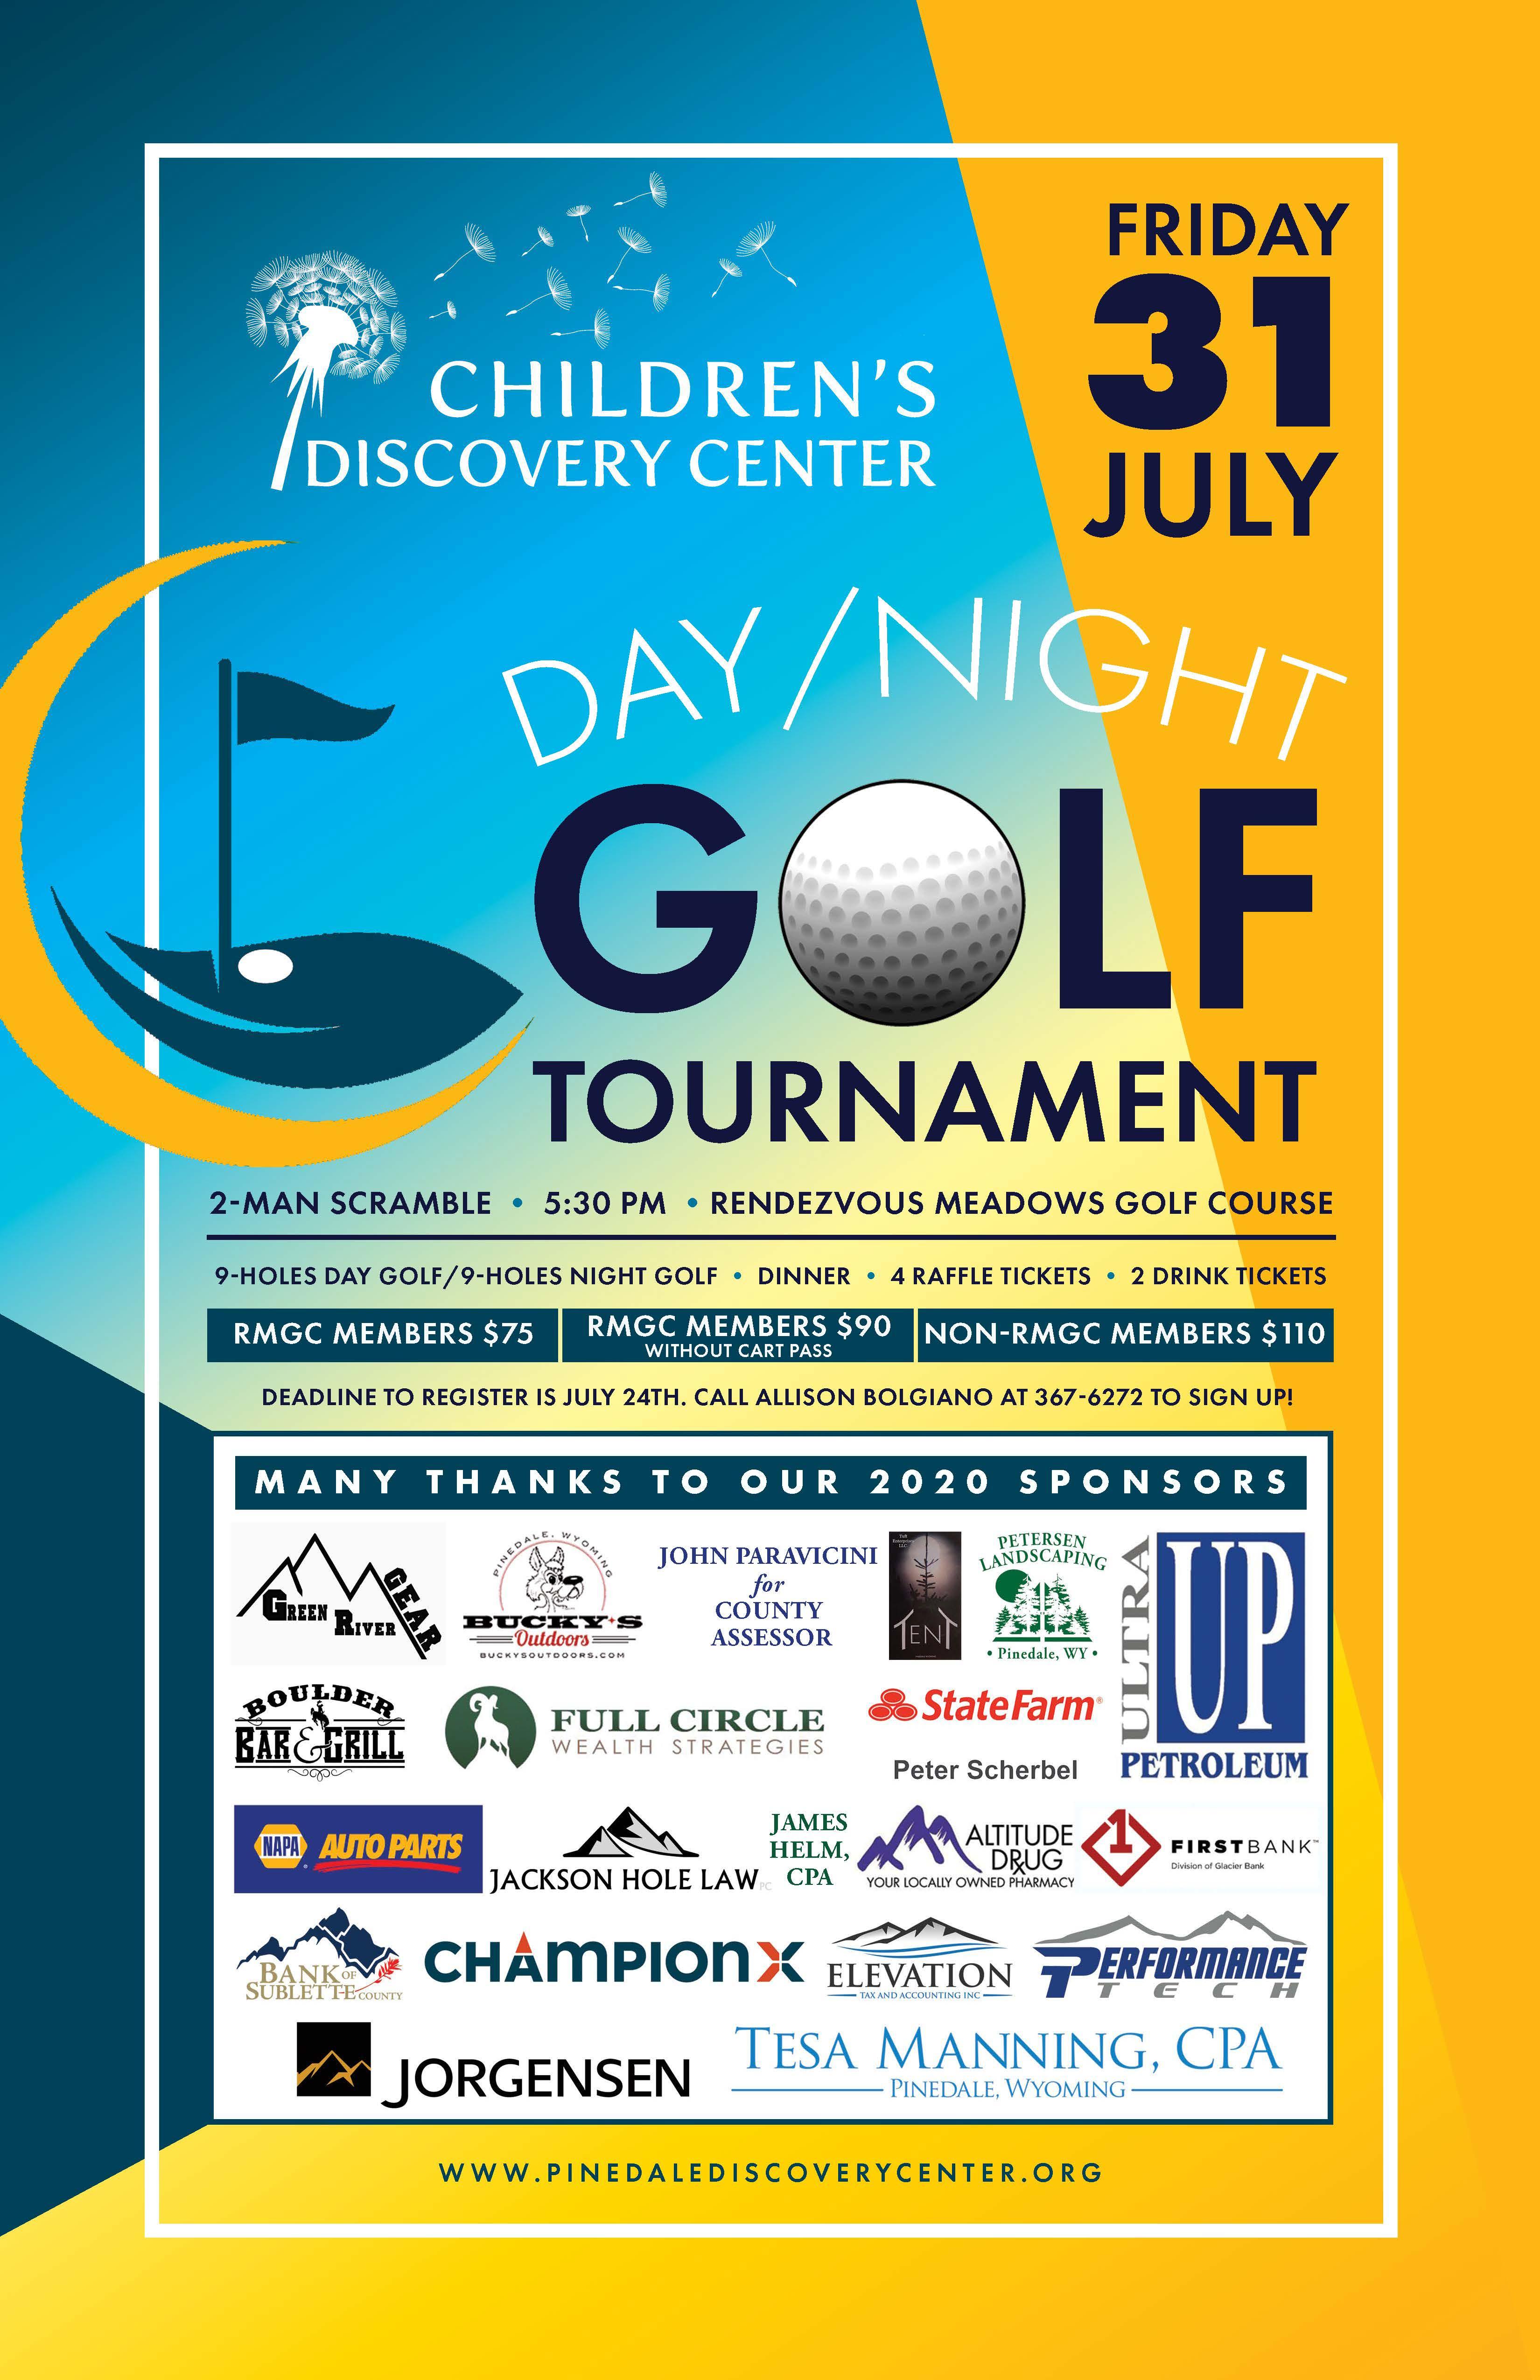 2020 Day Night Golf